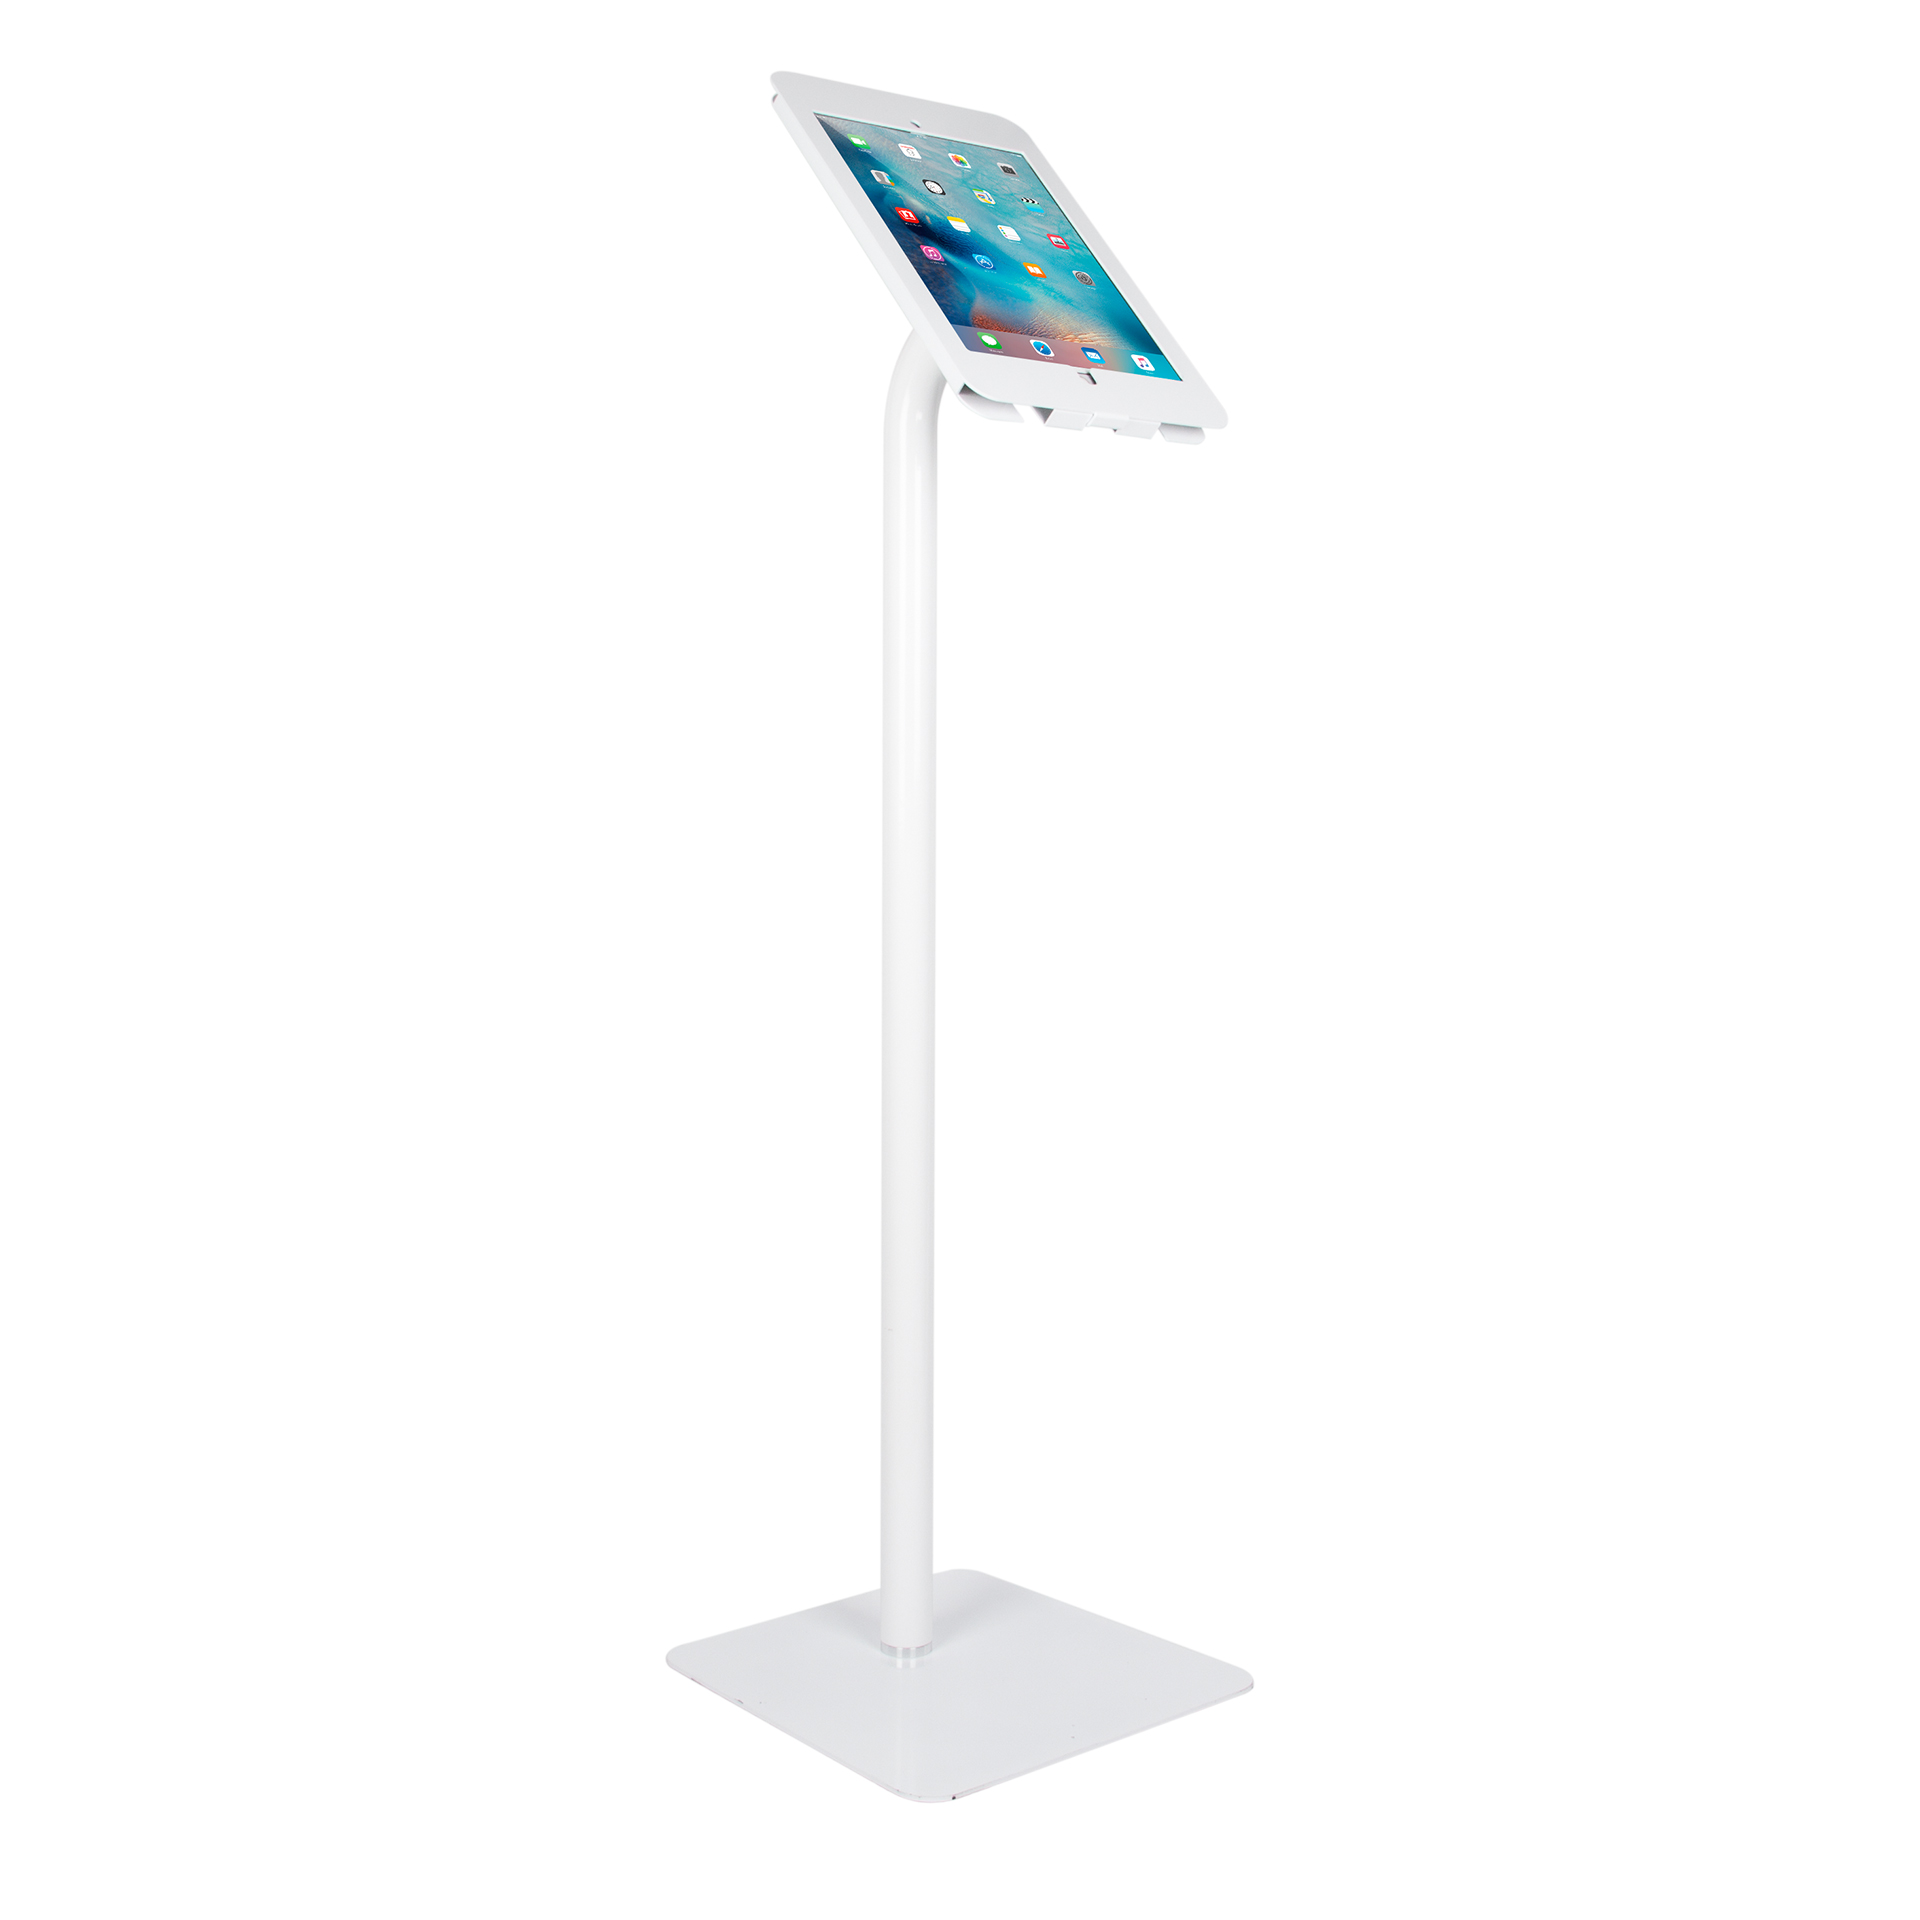 Elevate™II フロアスタンド・キオスク(iPad Pro 12.9インチ 第1世代/第2世代)